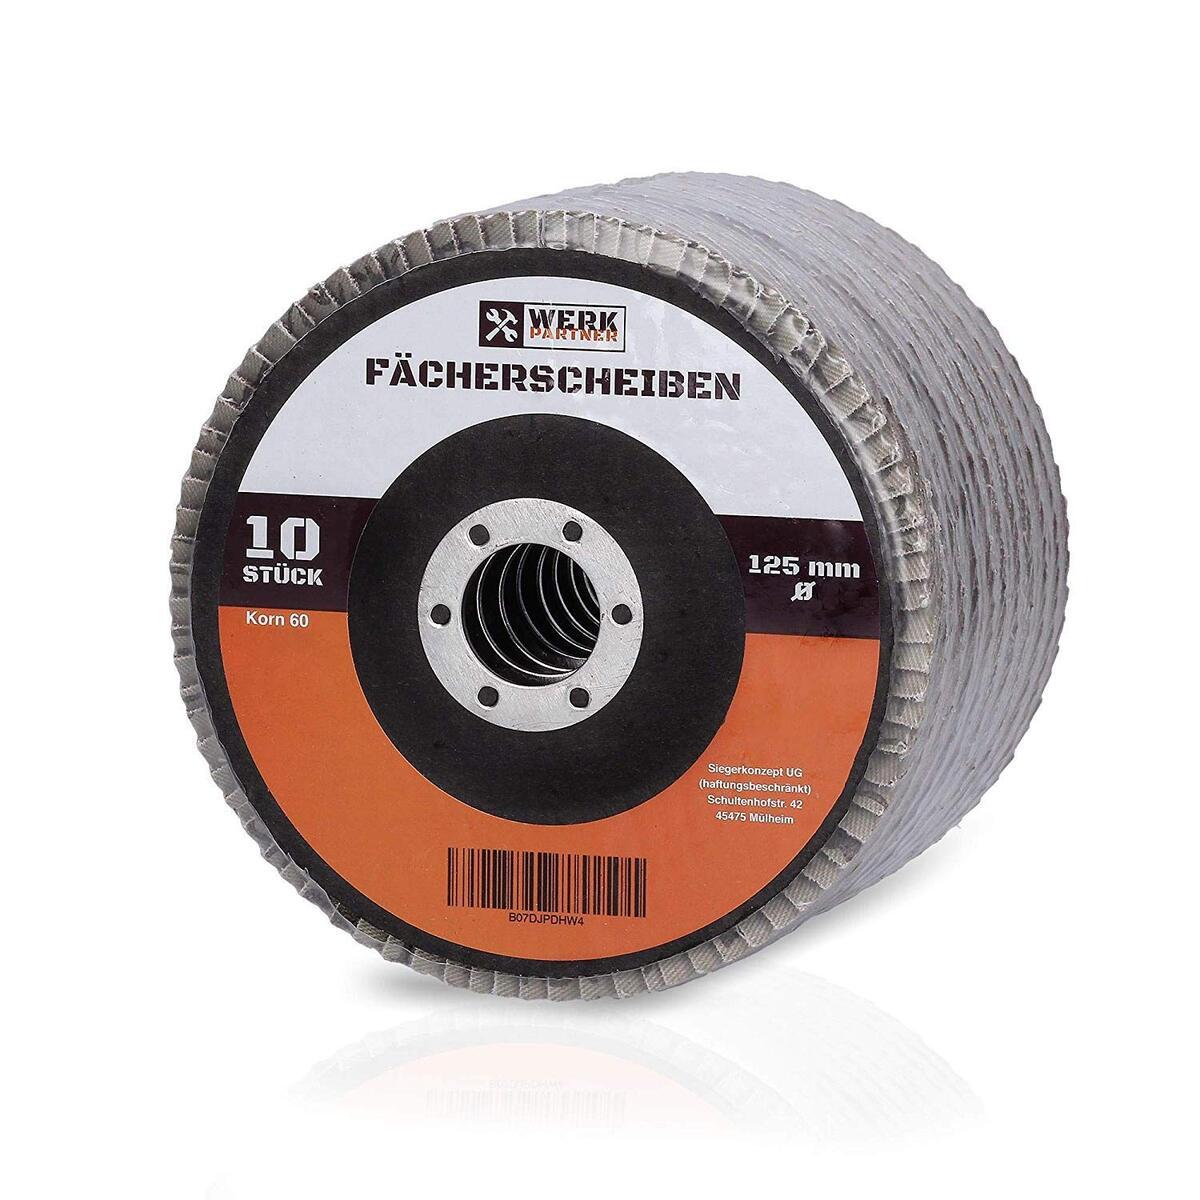 Bild 1 von Werk-Partner Premium Schleifscheiben Set - 10 x Fächerscheibe 125 mm Ø - Körnung 60 für Metall, Stahl & Holz - Fächerschleifscheibe für Winkelschleifer/Flex